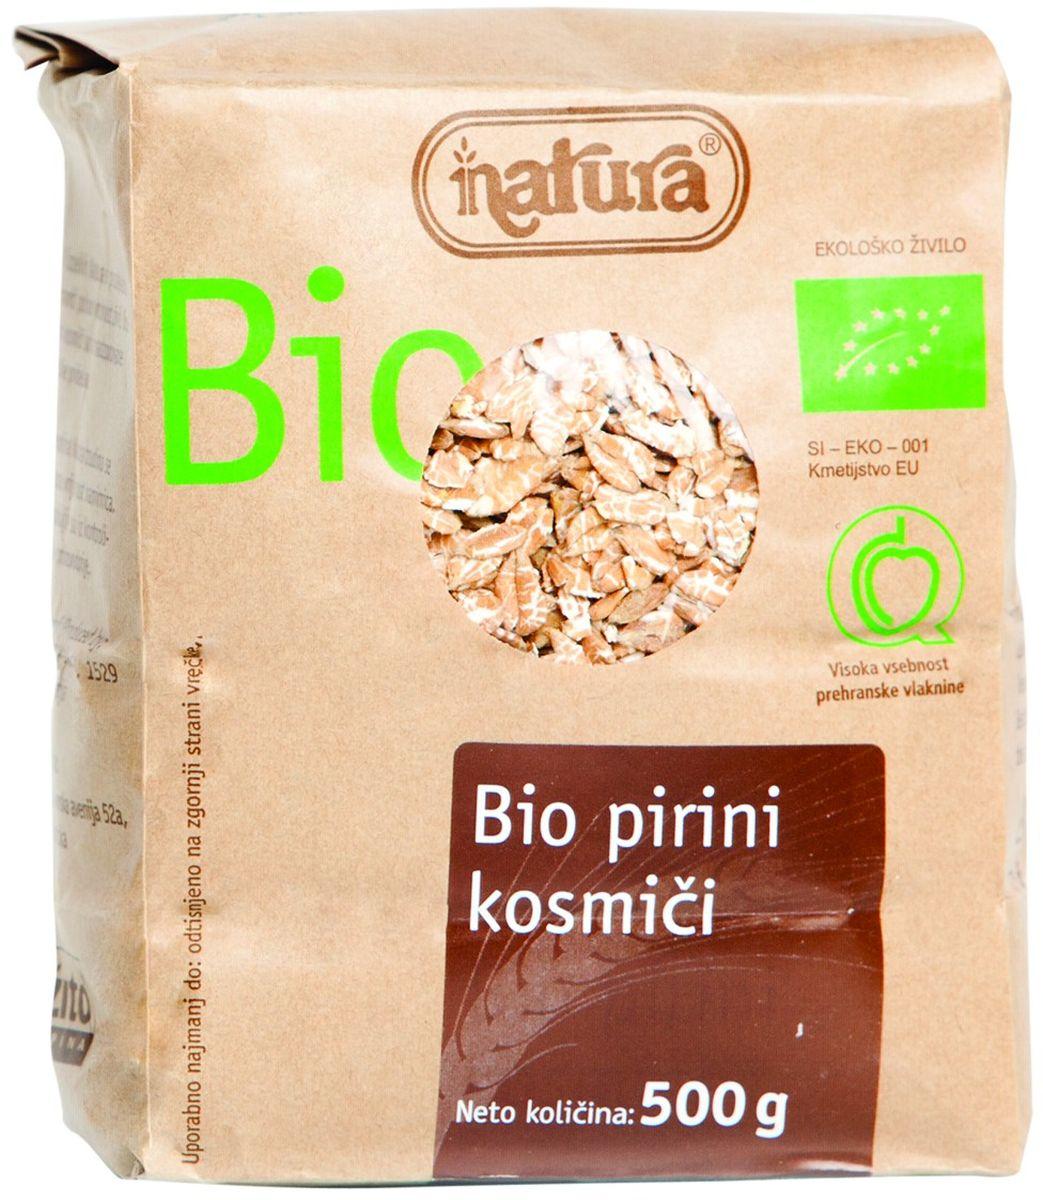 Zito Natura Bio Хлопья из спельты органические, 500 г0120710Компания Zito расширила свой продуктовый ряд хлопьями спельты, хорошо подходящими для экологической обработки. В частности, этот заново открытый злак соответствует всем параметрам идеального продукта благодаря типу и количеству основных содержащихся в нем веществ наряду с уровнем витаминов и минералов.Органические продукты Natura имеют маркировку в соответствии с законодательством и европейскую экологическую маркировку сертифицированных органических продуктов питания, так как при их производстве не используются удобрения и распылители, запрещенные в органическом производстве и обработке. Органические продукты произведены под контролем SI – EKO – 001.Органические продукты Natura производятся в регионах, где природа пока еще живет своей жизнью. Они попадают на полки магазинов и на столы людей, выбирающих здоровое питание, в той же форме, в которой их создала природа: натуральными, питательными и здоровыми. Разнообразные натуральные зерна и семена обладают всеми свойствами злаков, полностью сохраняя, таким образом, свои полезные качества.